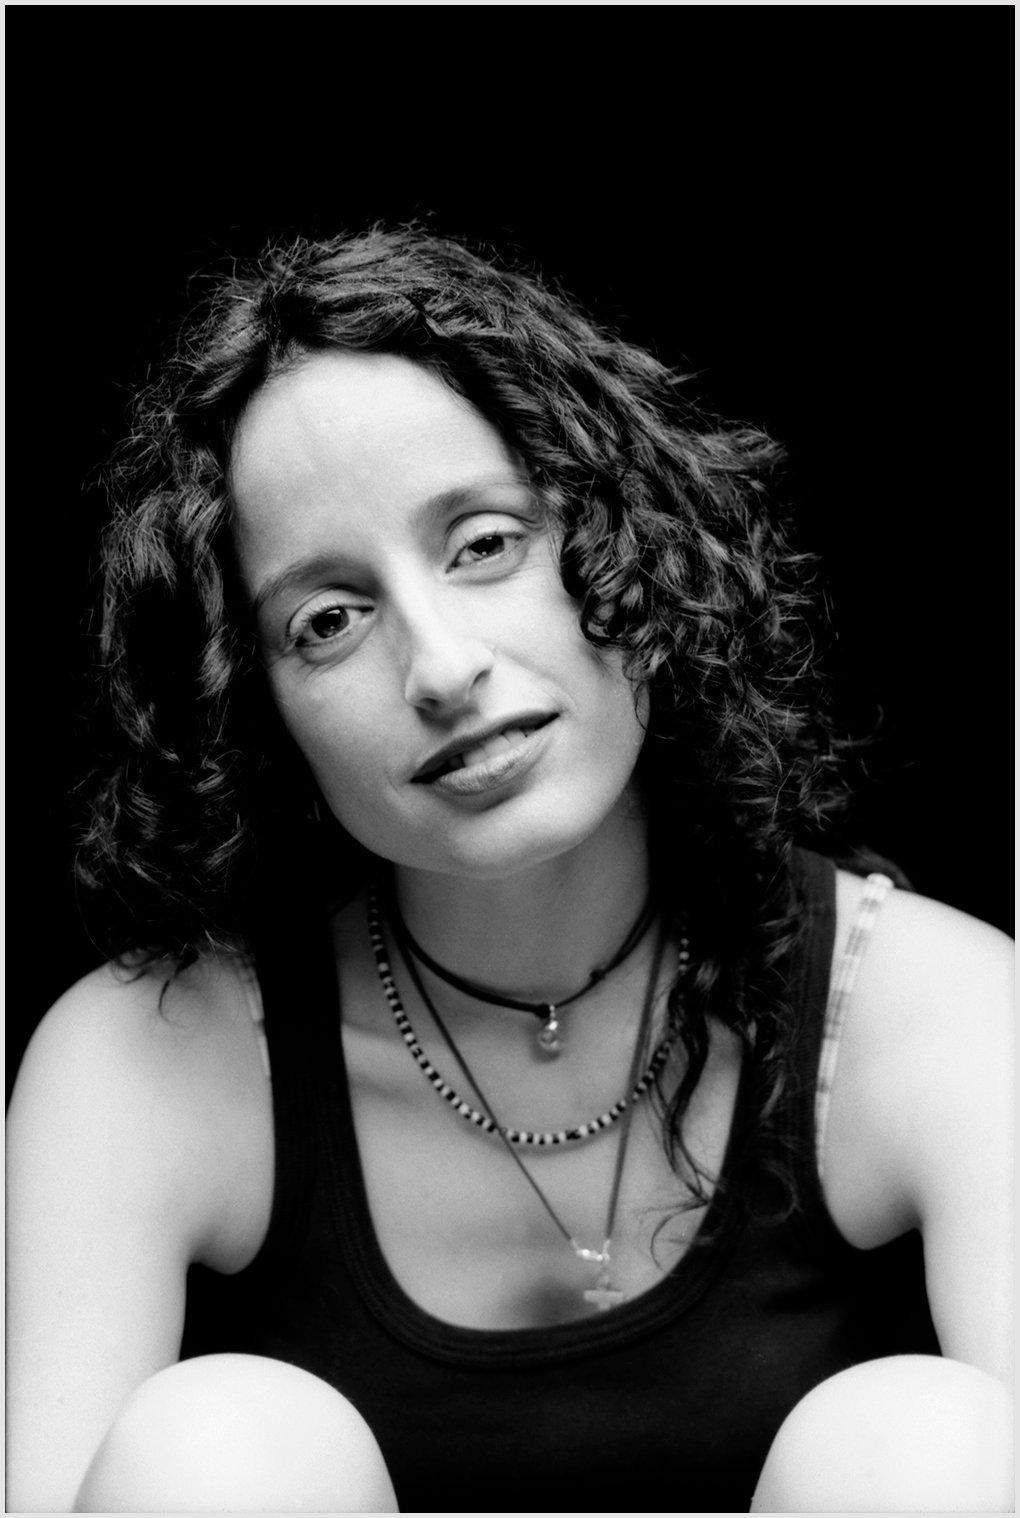 Cristina Andreu, Photographer